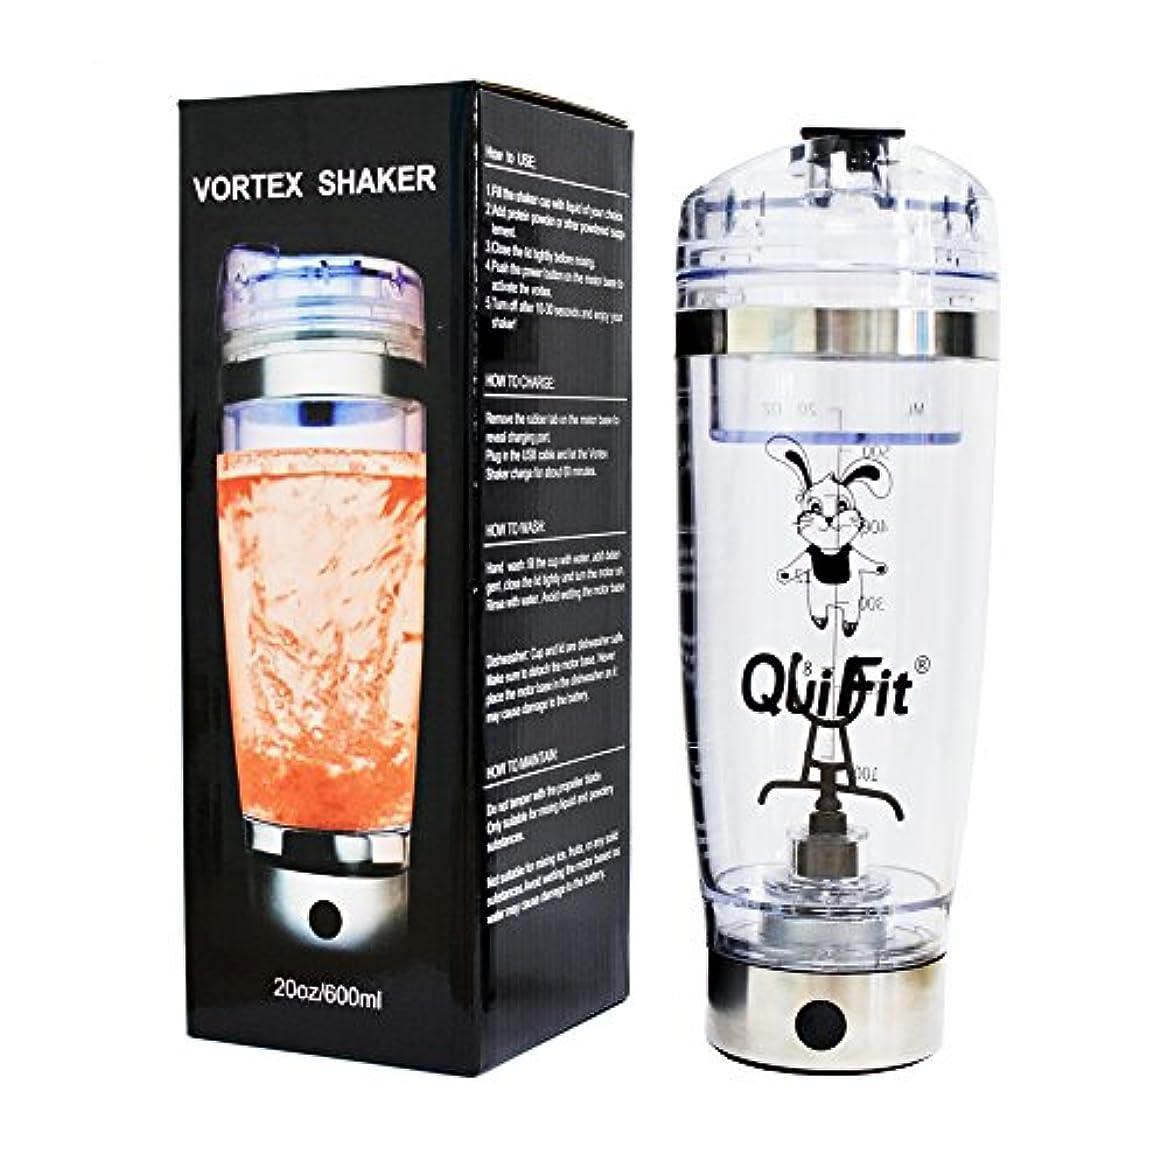 毎日熟達真似る電気タンパク質振動瓶、QuiFit 20 OZ USB充電式タンパク質スクロールカップ、パウダーシェイクに適した電動ポータブル自動ミキサー、100%リーク防止保証 - BPAなし (600ml)